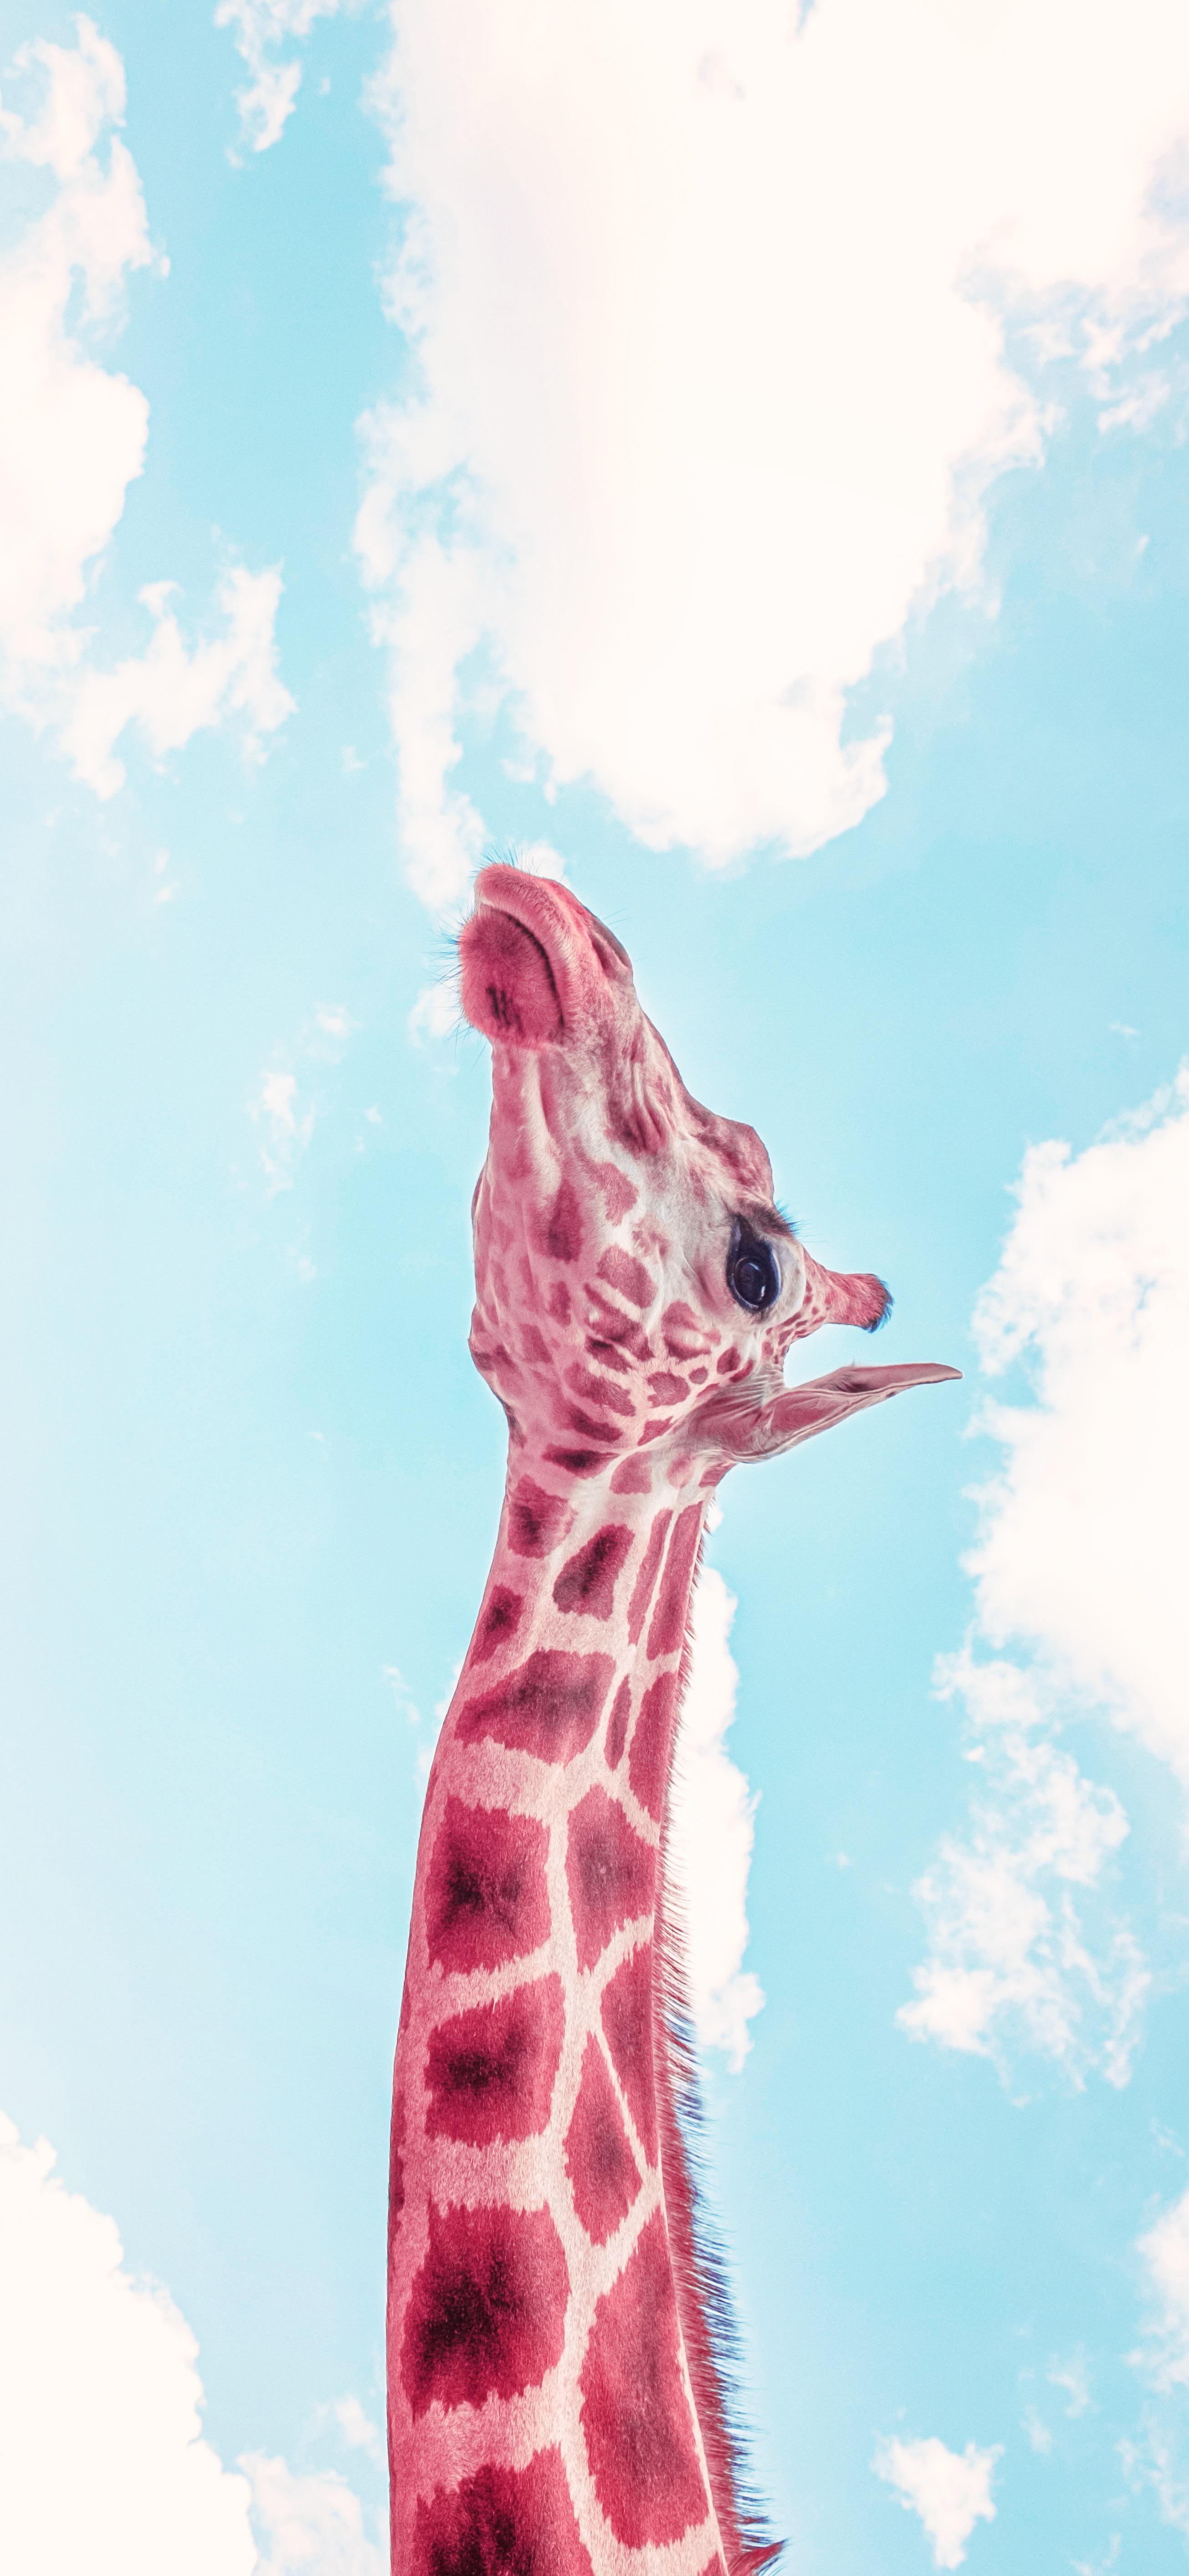 cool-giraffe-under-blue-sky-wallpaper